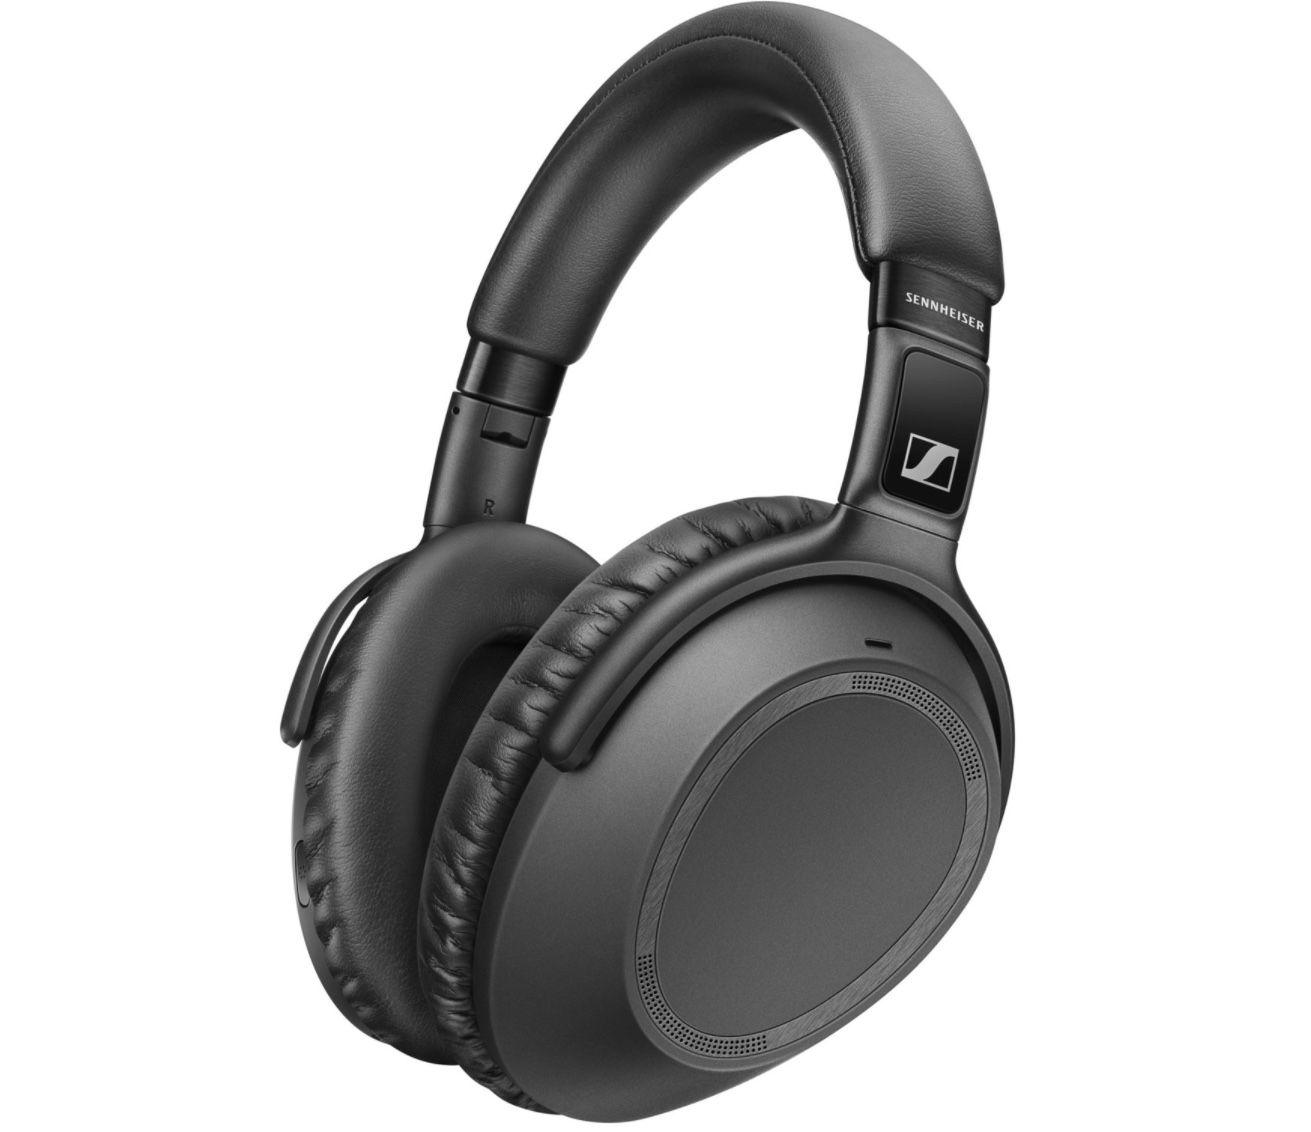 Sennheiser PXC 550 II wireless Over ear Kopfhörer für 169€ (statt 249€) + 6 Monate Apple Music gratis